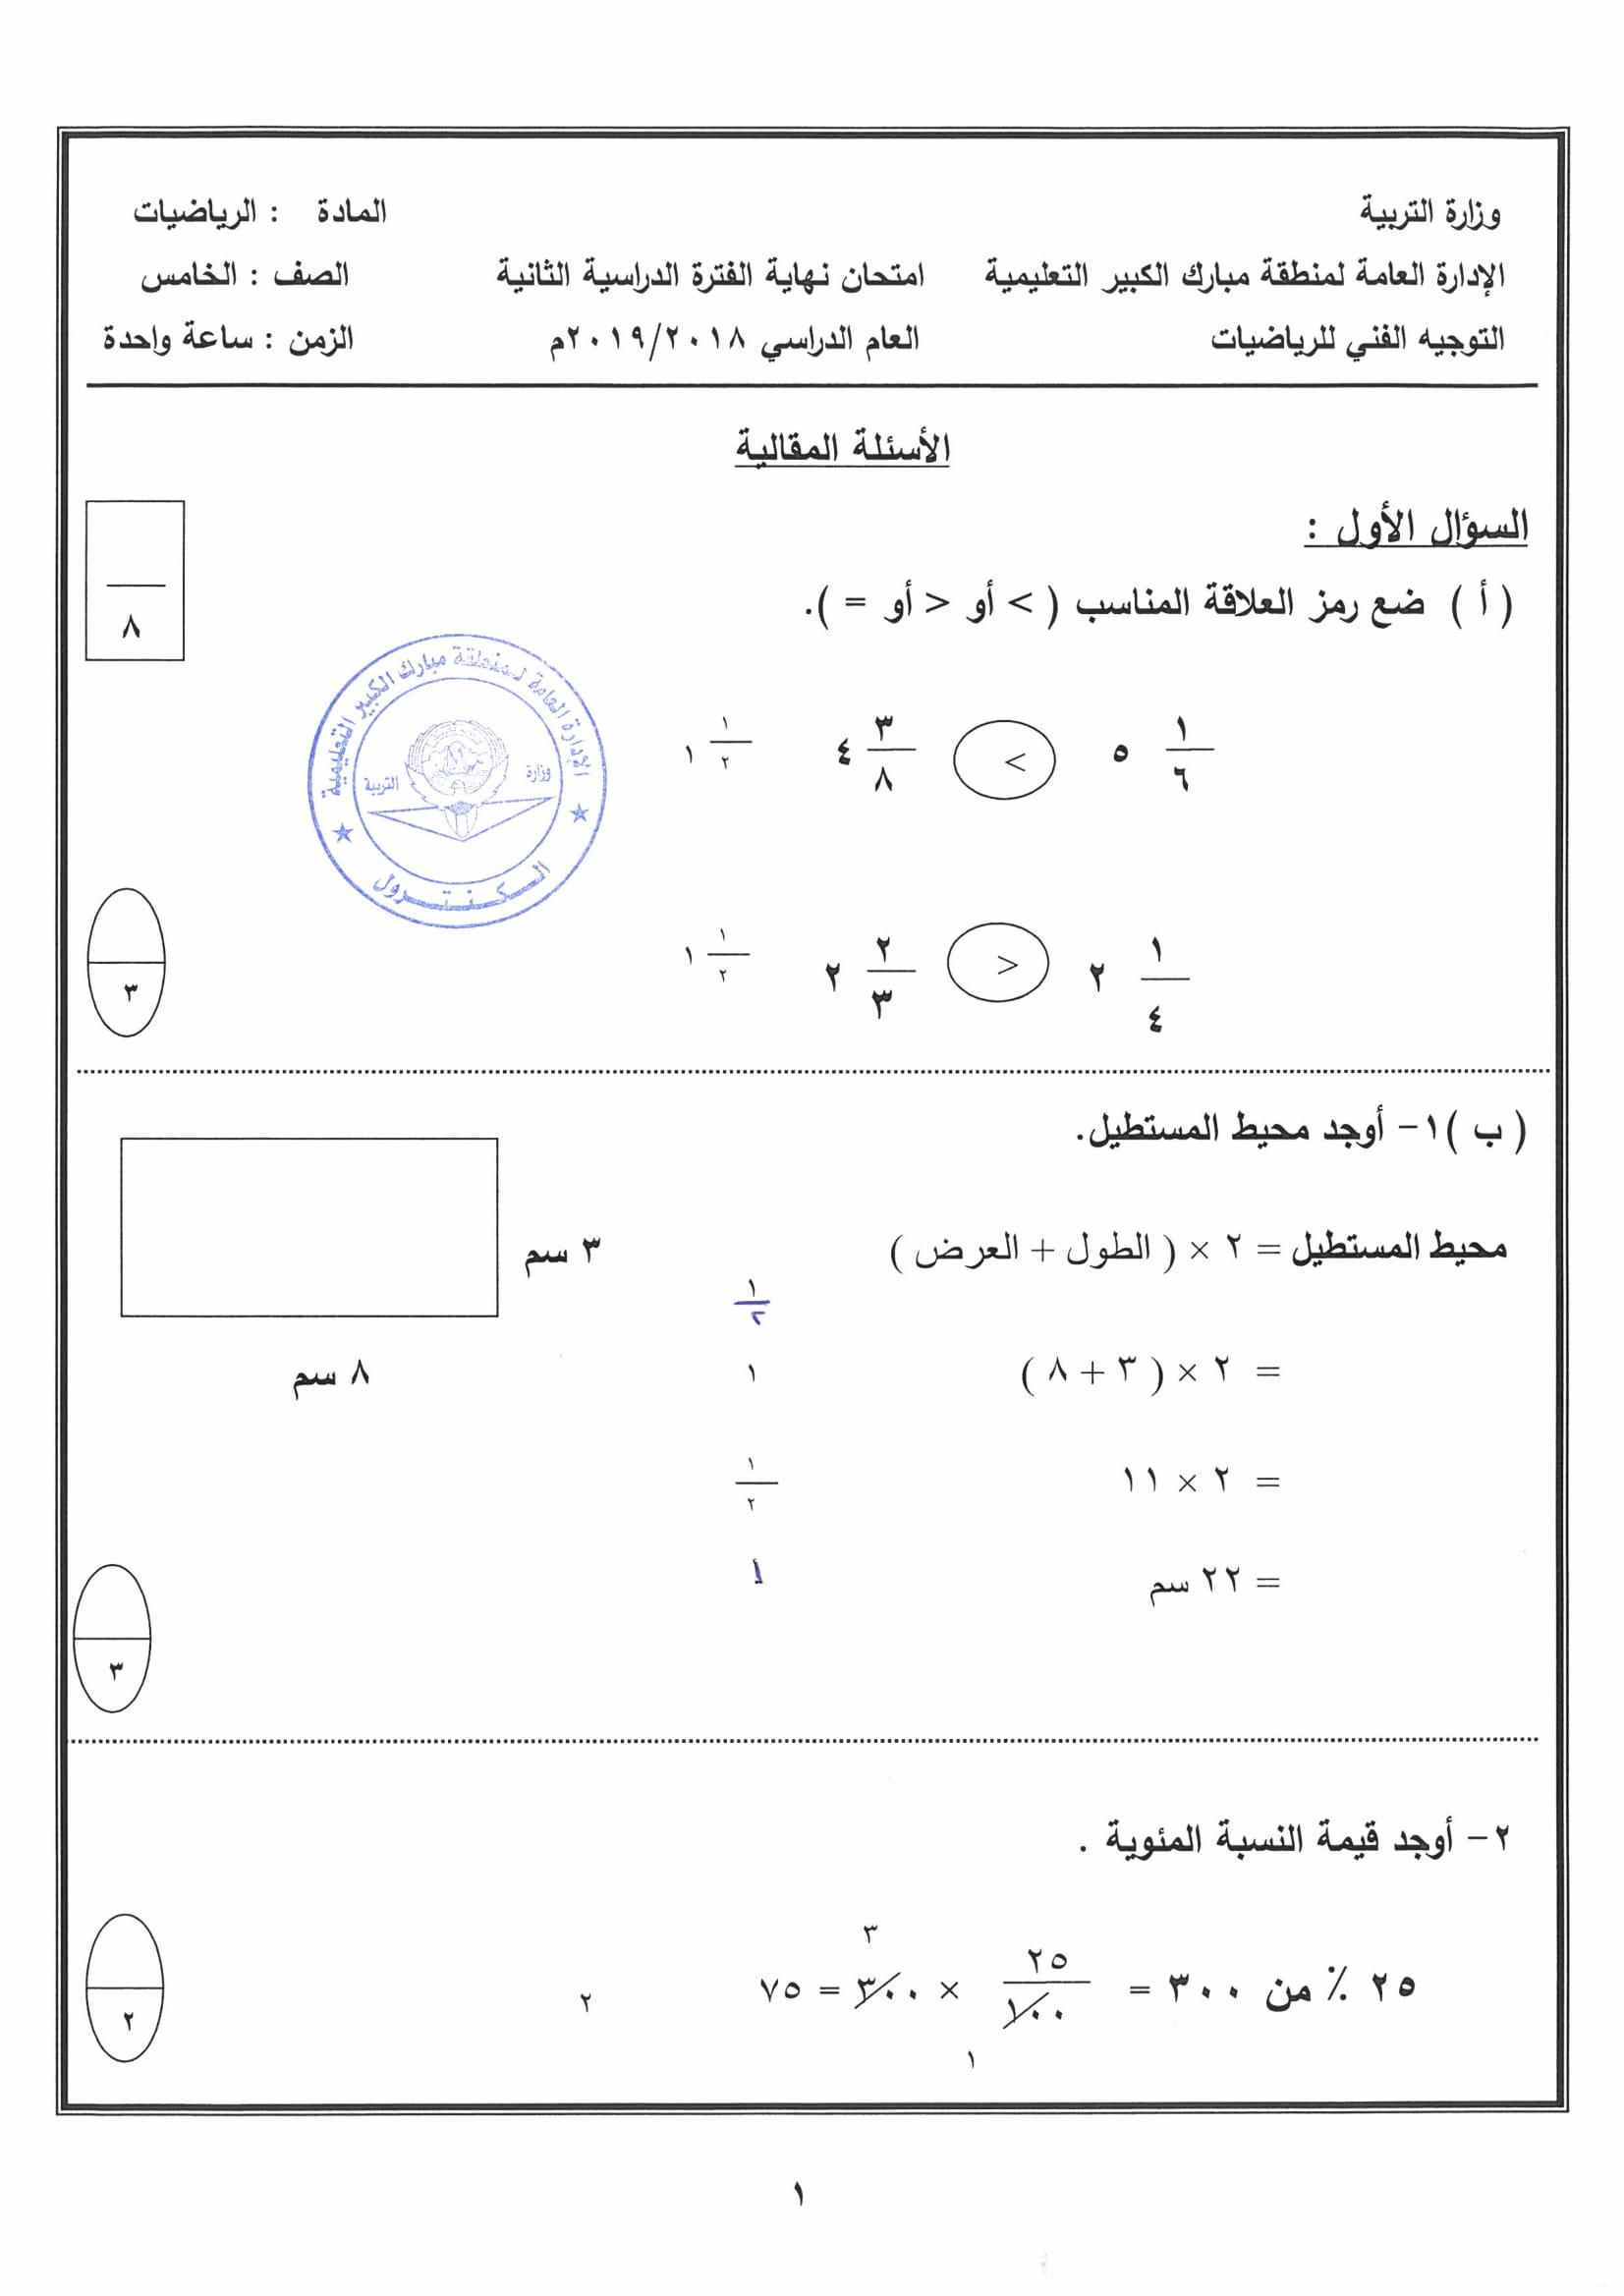 نموذج اجابة اختبار رياضيات للصف الخامس الفصل الثاني